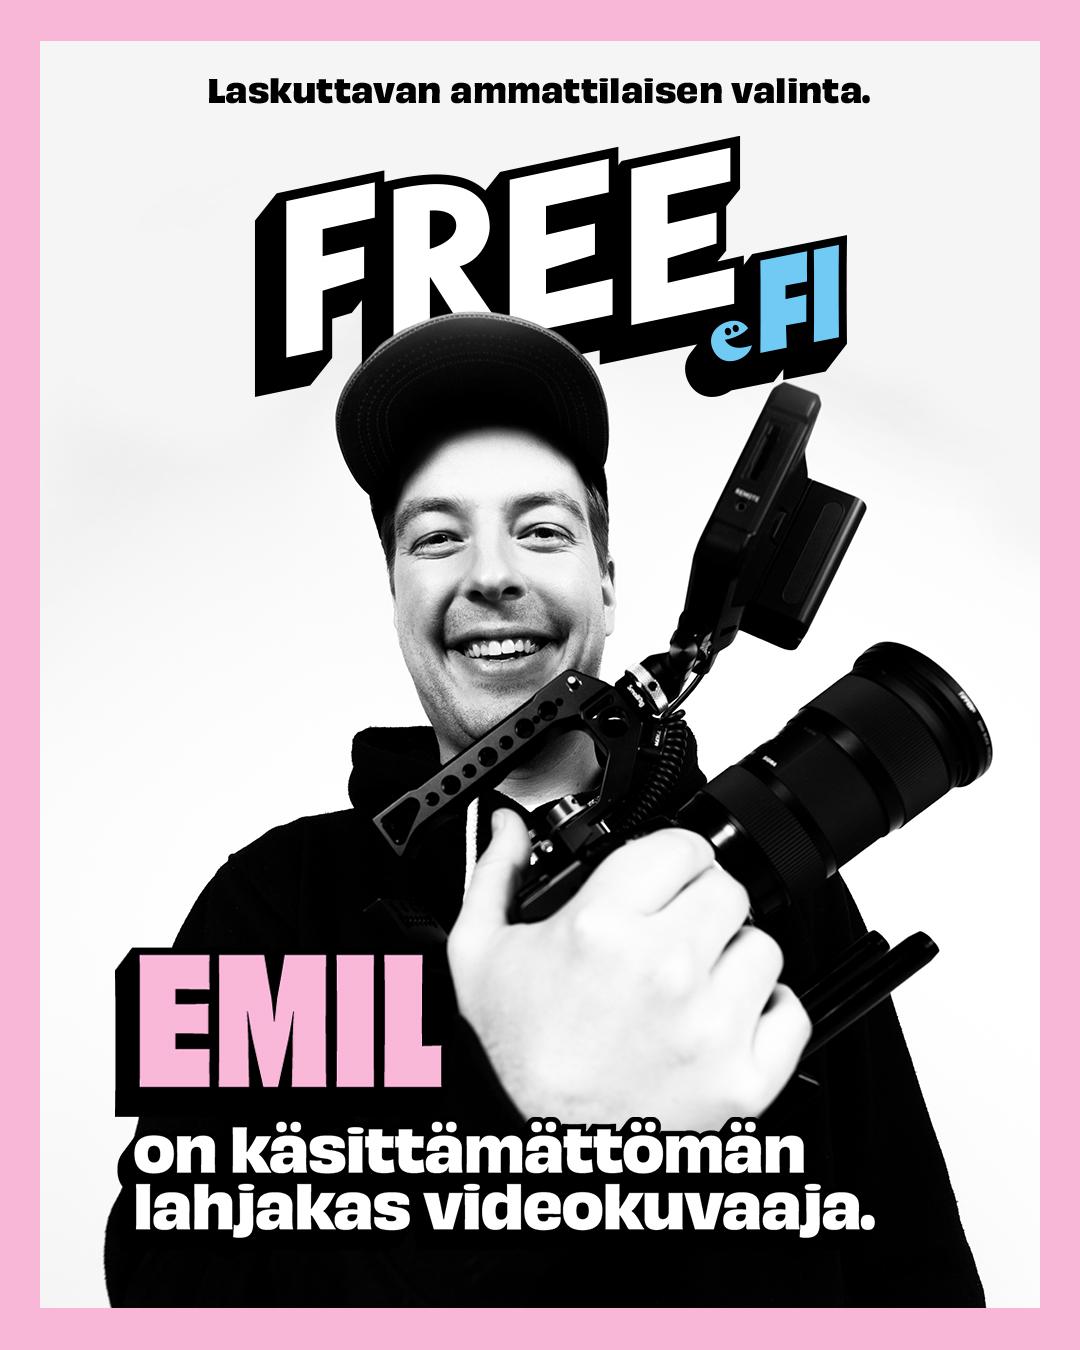 Emil on käsittämättömän lahjakas videokuvaaja.